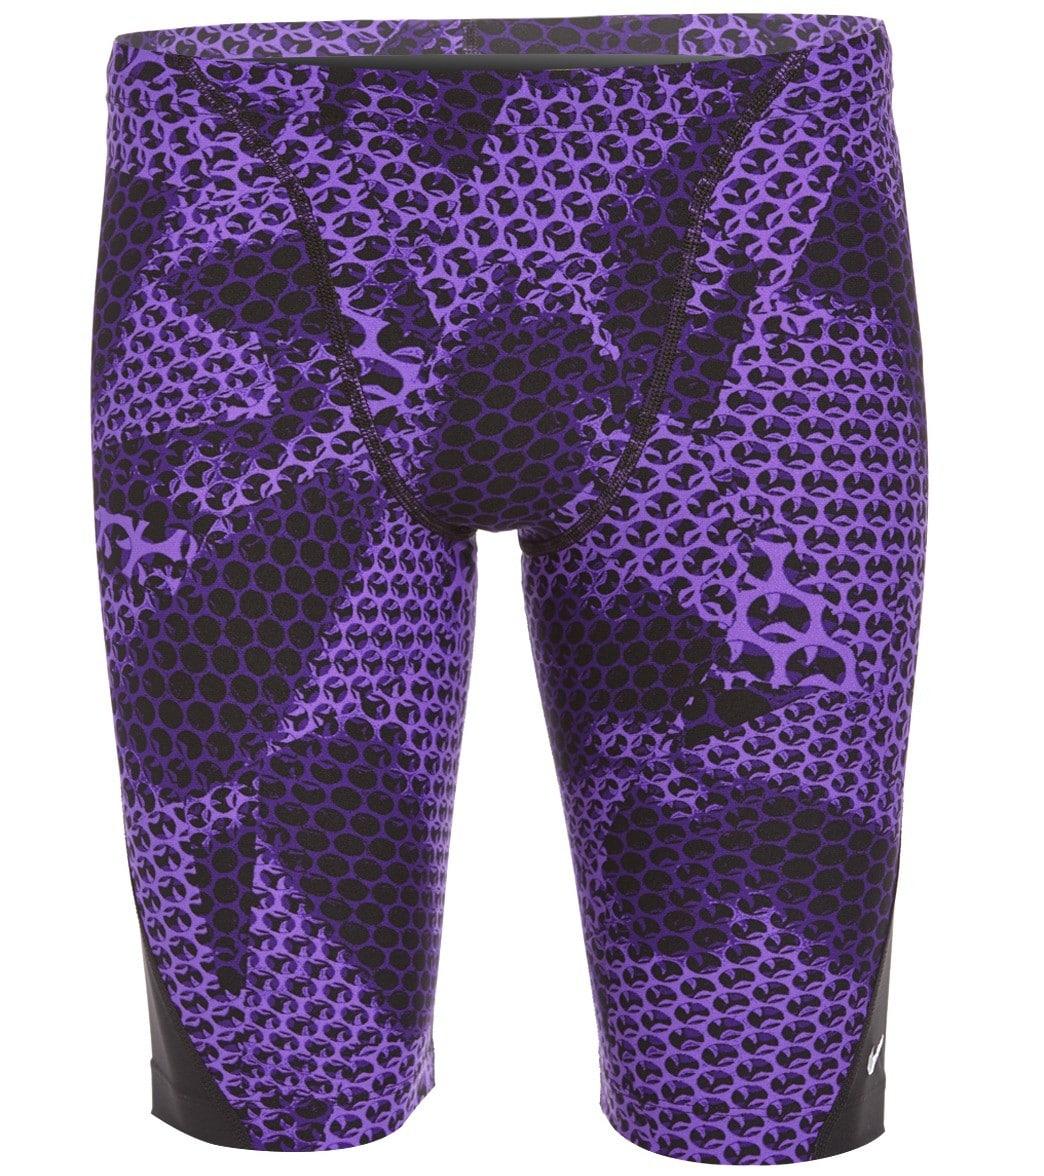 b635c5fe24 Nike Men's Nova Spark Jammer Swimsuit at SwimOutlet.com - Free Shipping